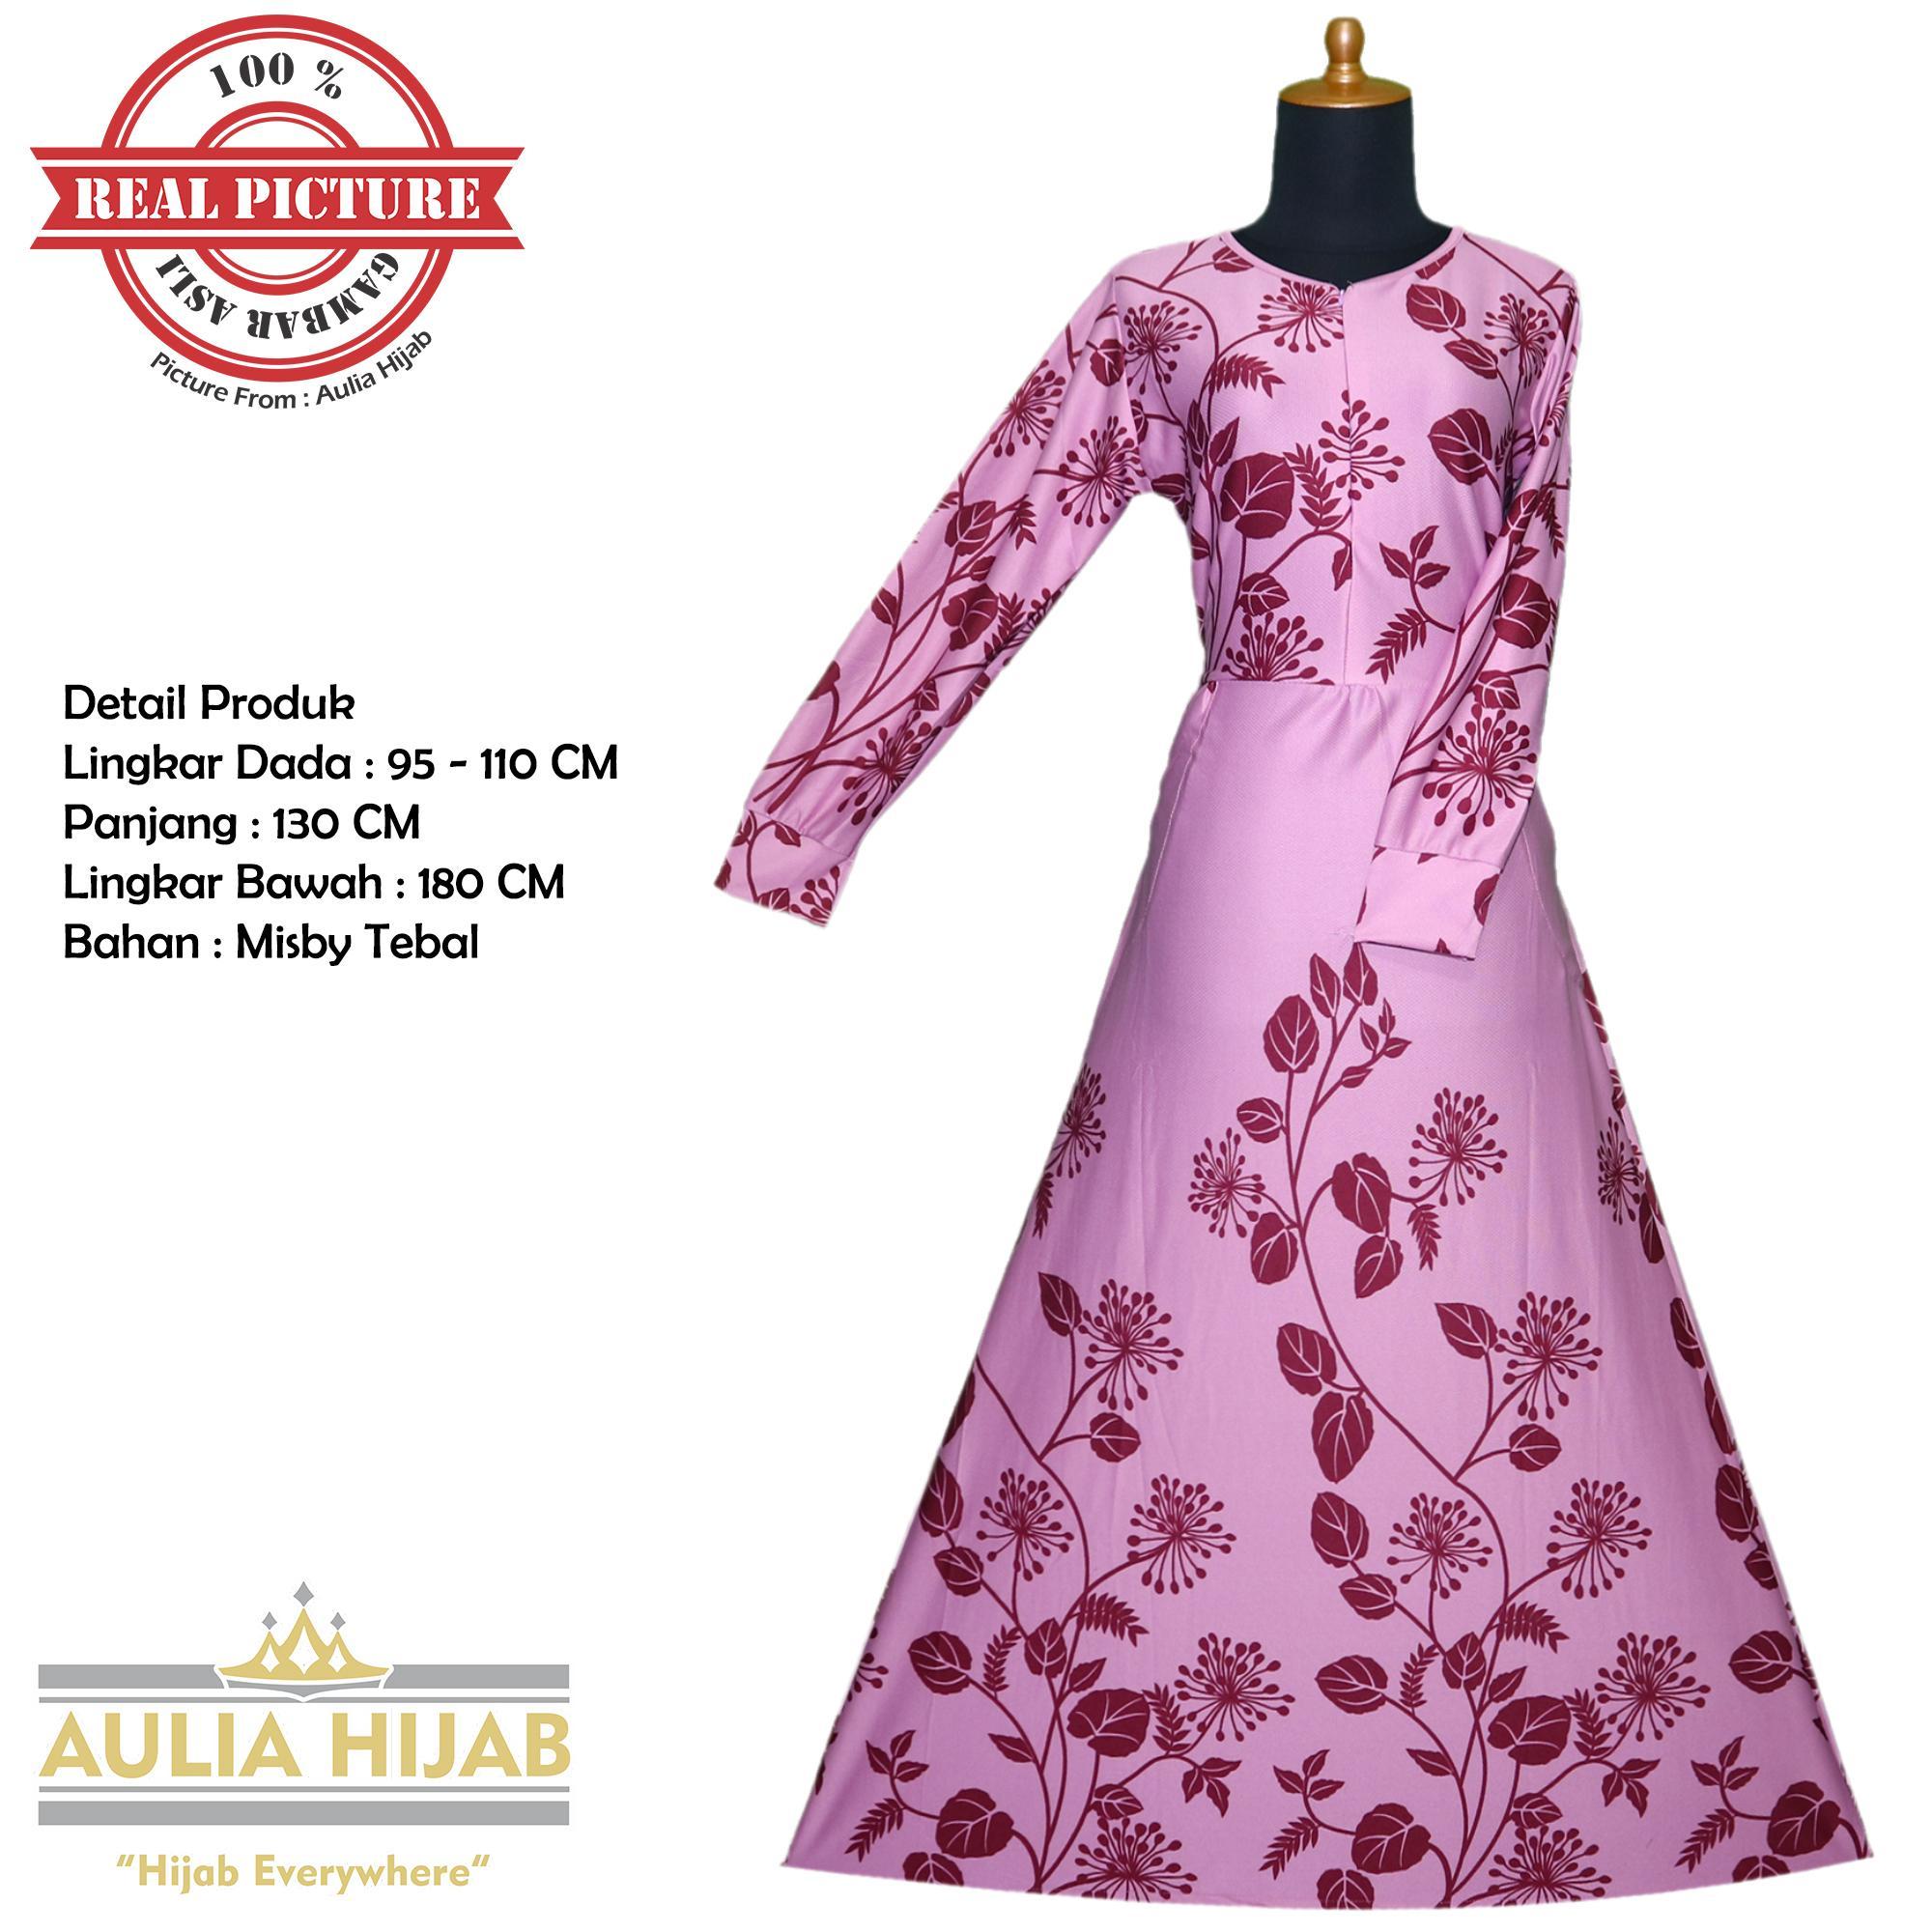 Aulia Hijab - Gamis Sadira Dress Bahan Misby/Gamis Murah/Gamis Terbaru/Gamis Cantik/Gamis Busui/Gamis Pesta/Gamis Santai/Gamis Kerja/Gamis Murah/Gamis Real Picture/Gamis Best Seller